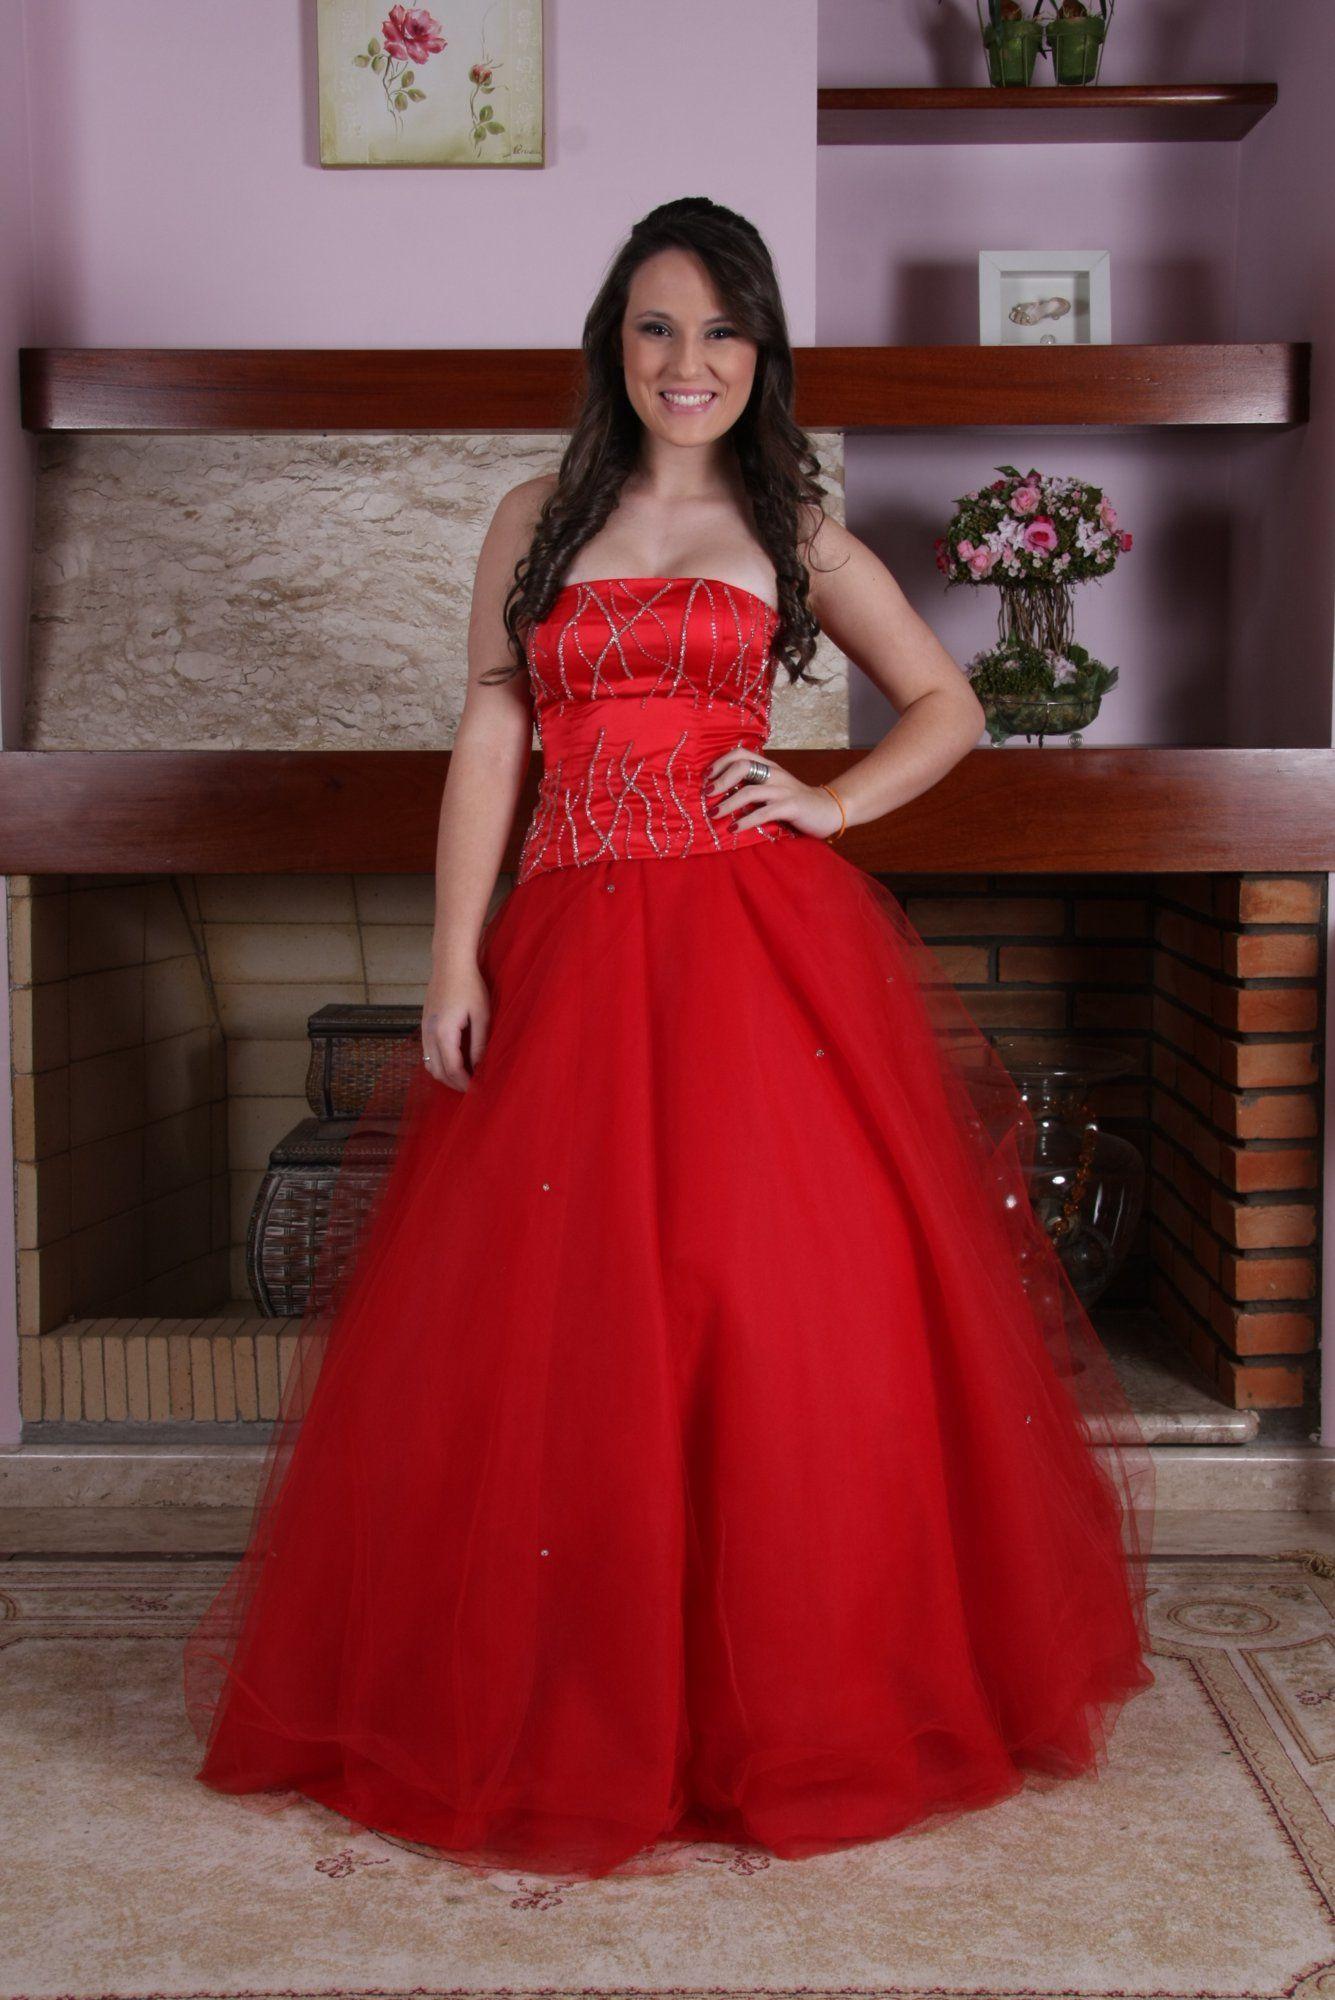 Vestido de Debutante Vermelho - 6 - Hipnose Alta Costura e Spa para Noivas e Noivos - Campinas - SP Vestido de Debutante, Vestido de Debutante Vermelho, Hipnose Alta Costura